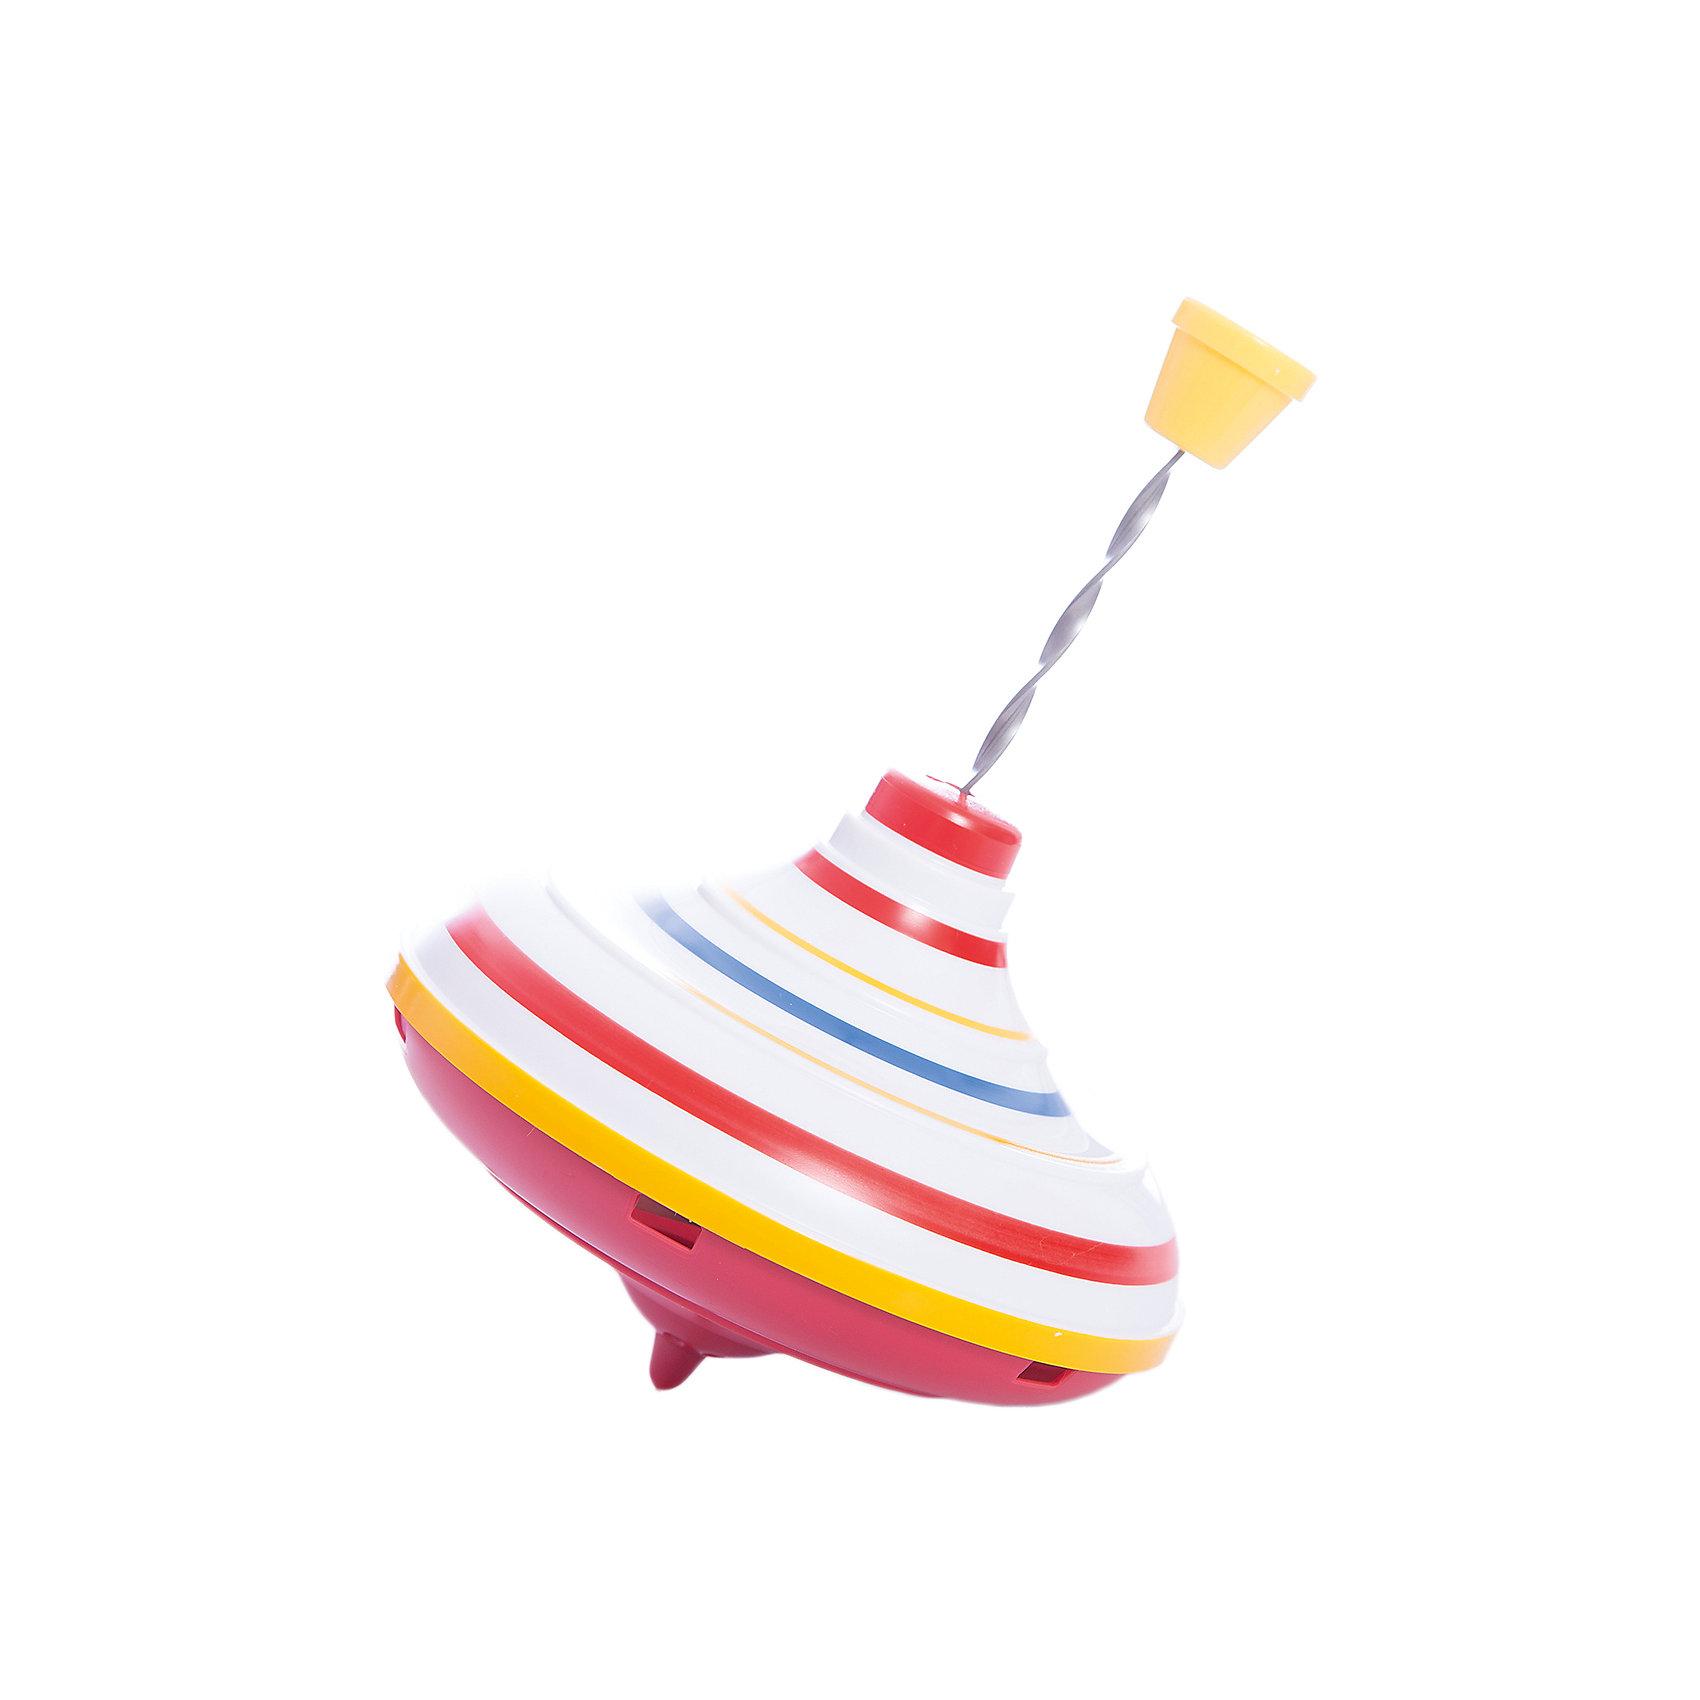 Юла, диаметр 16 см, СтелларЮлы<br>Эта яркая игрушка понравится всем малышам. Юла приводится в движение путем многократного нажатия сверху на рукоятку. Игрушка поможет ребенку развить моторику рук, цветовосприятие, внимание, и конечно, подарит много улыбок и хорошее настроение. <br><br>Дополнительная информация:<br><br>- Материал: пластик.<br>- Цвет: красный, желтый, зеленый, белый, синий.<br>- Размер: d-16 см.<br><br>Юлу (диаметр 16 см), Стеллар, можно купить в нашем магазине.<br><br>Ширина мм: 160<br>Глубина мм: 160<br>Высота мм: 120<br>Вес г: 109<br>Возраст от месяцев: 36<br>Возраст до месяцев: 72<br>Пол: Унисекс<br>Возраст: Детский<br>SKU: 4044377